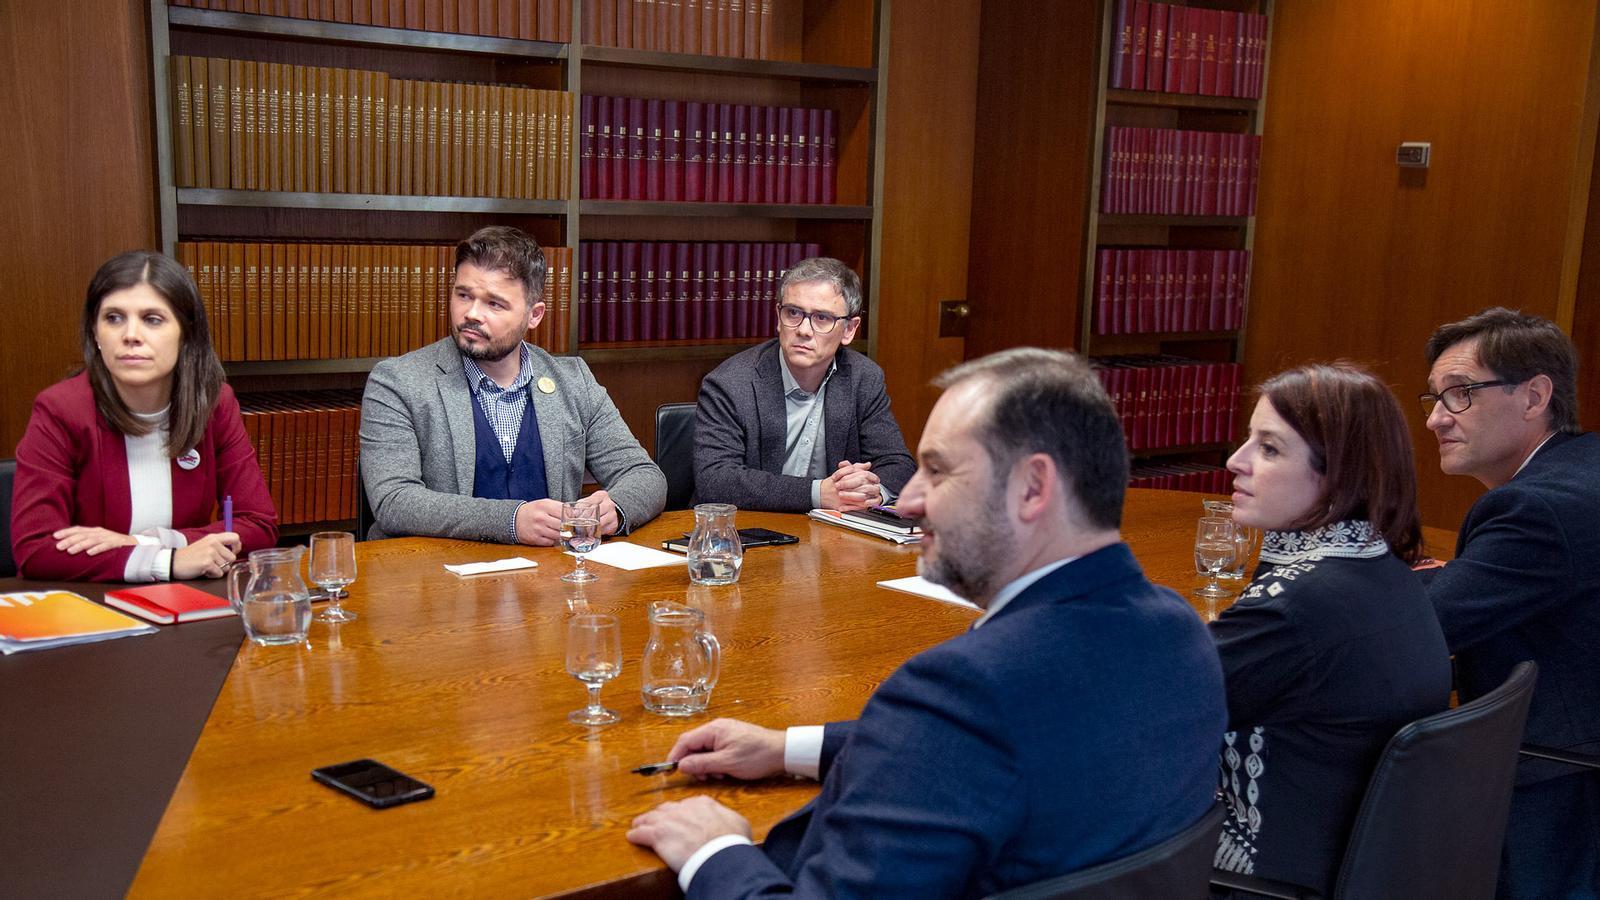 L'anàlisi d'Antoni Bassas: 'Espanya i el «soci indesitjable»'